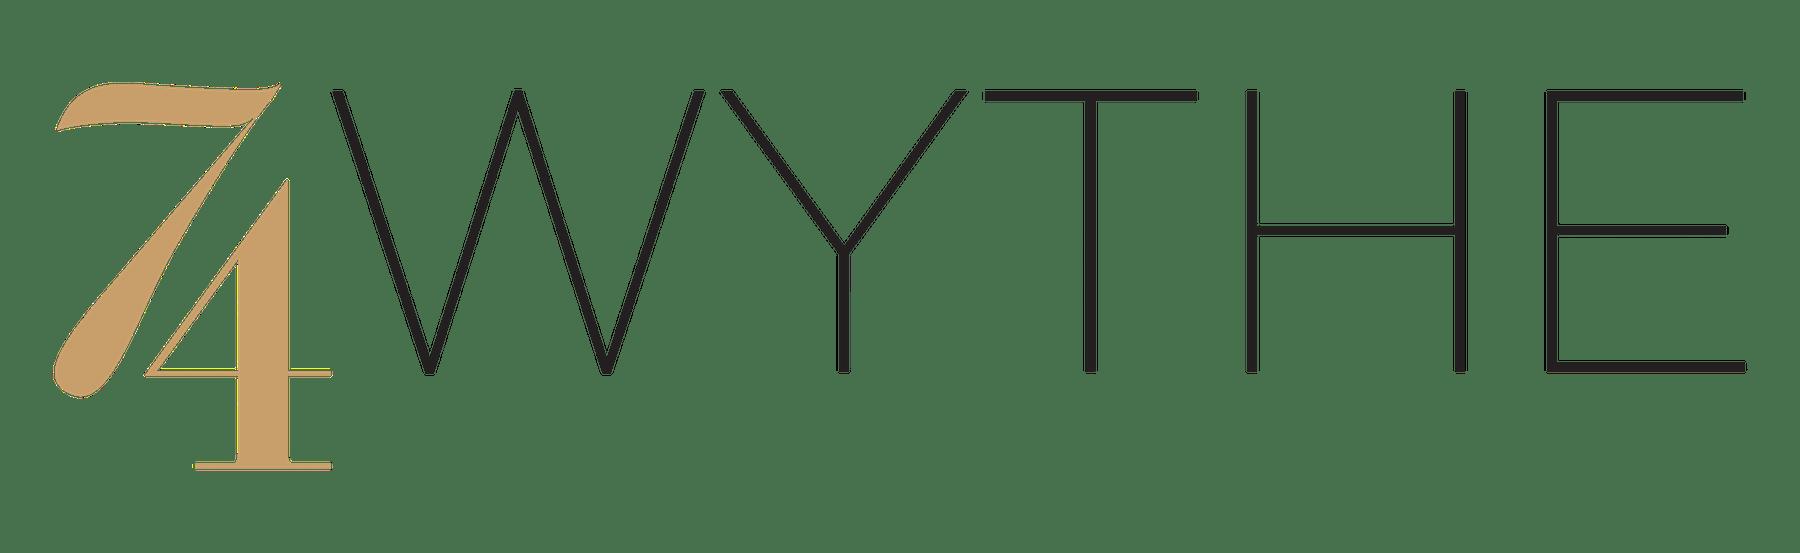 74 Wythe